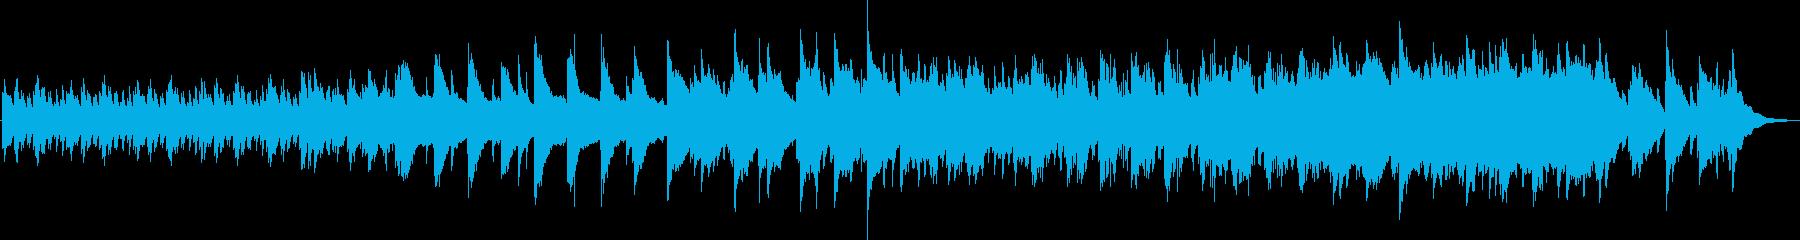 科学的、近未来的で暖かいPV向けBGMの再生済みの波形